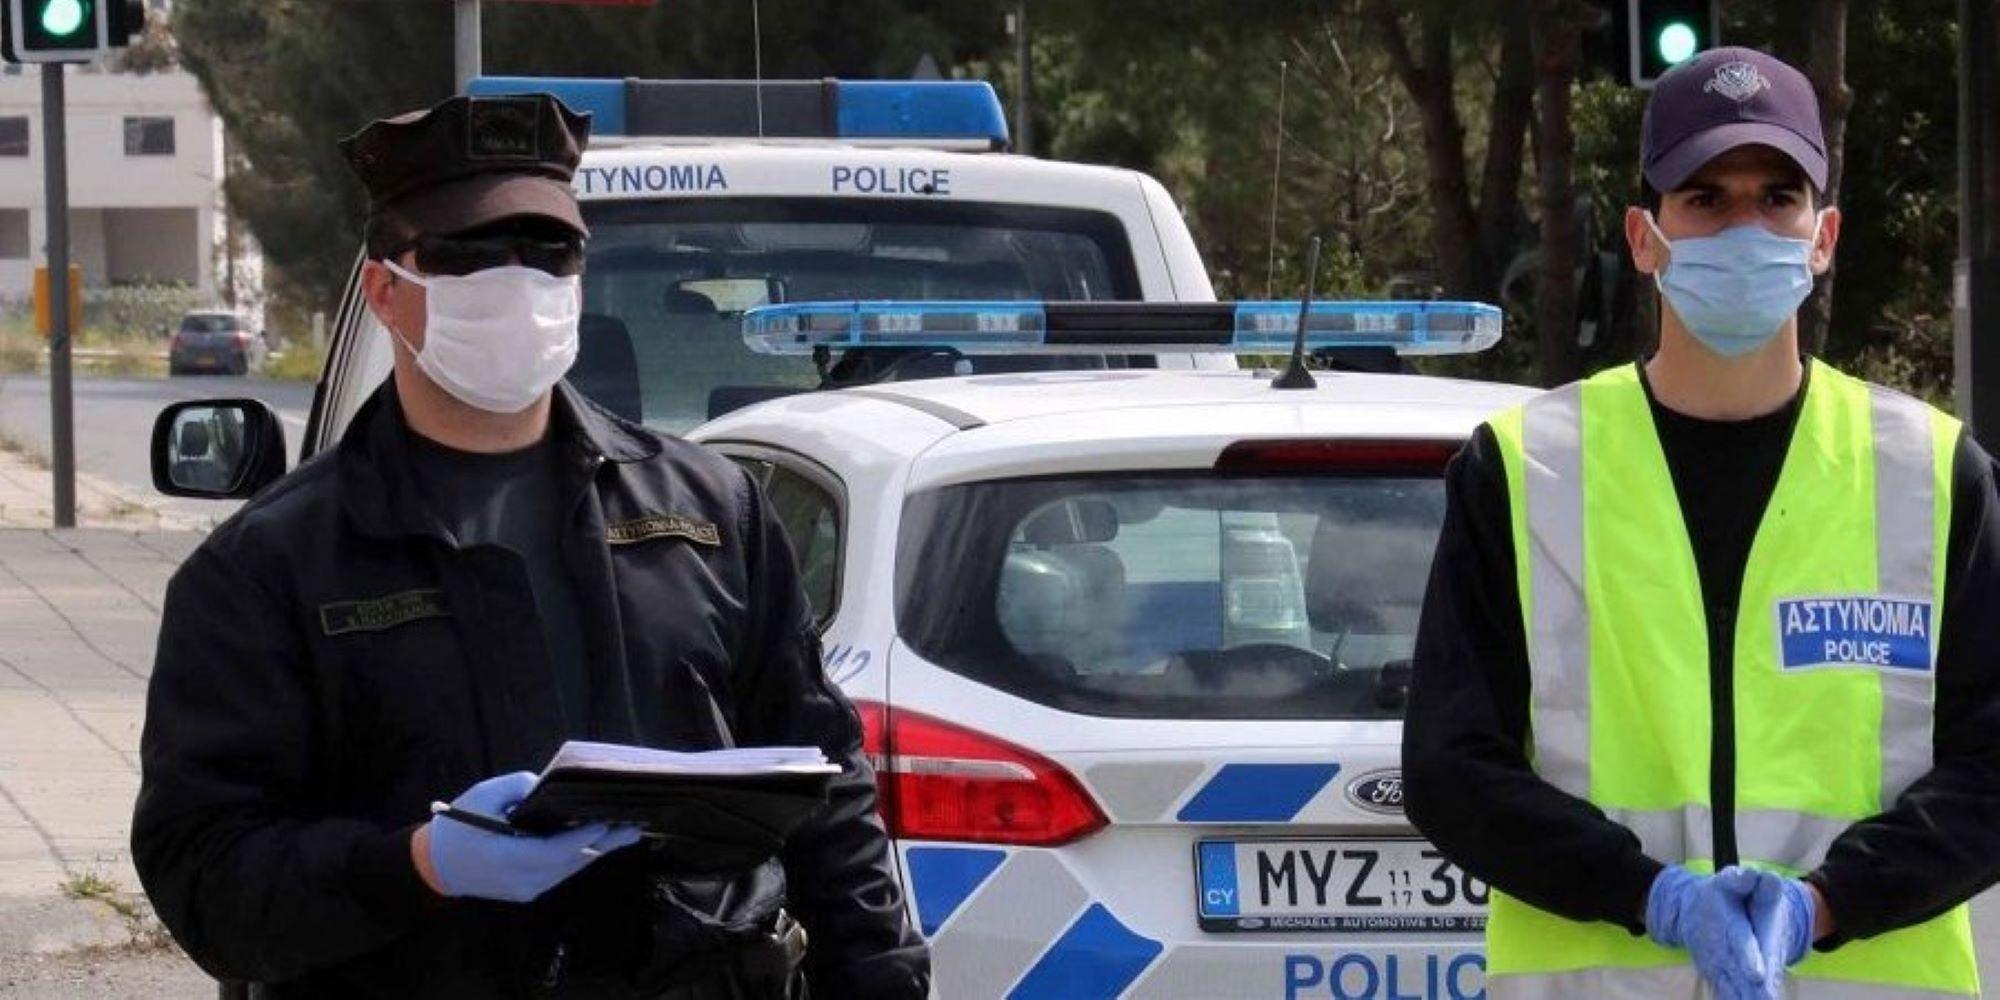 Η Αστυνομία προέβη σε 141 καταγγελίες για παραβίαση των μέτρων κατά του κορωνοϊού